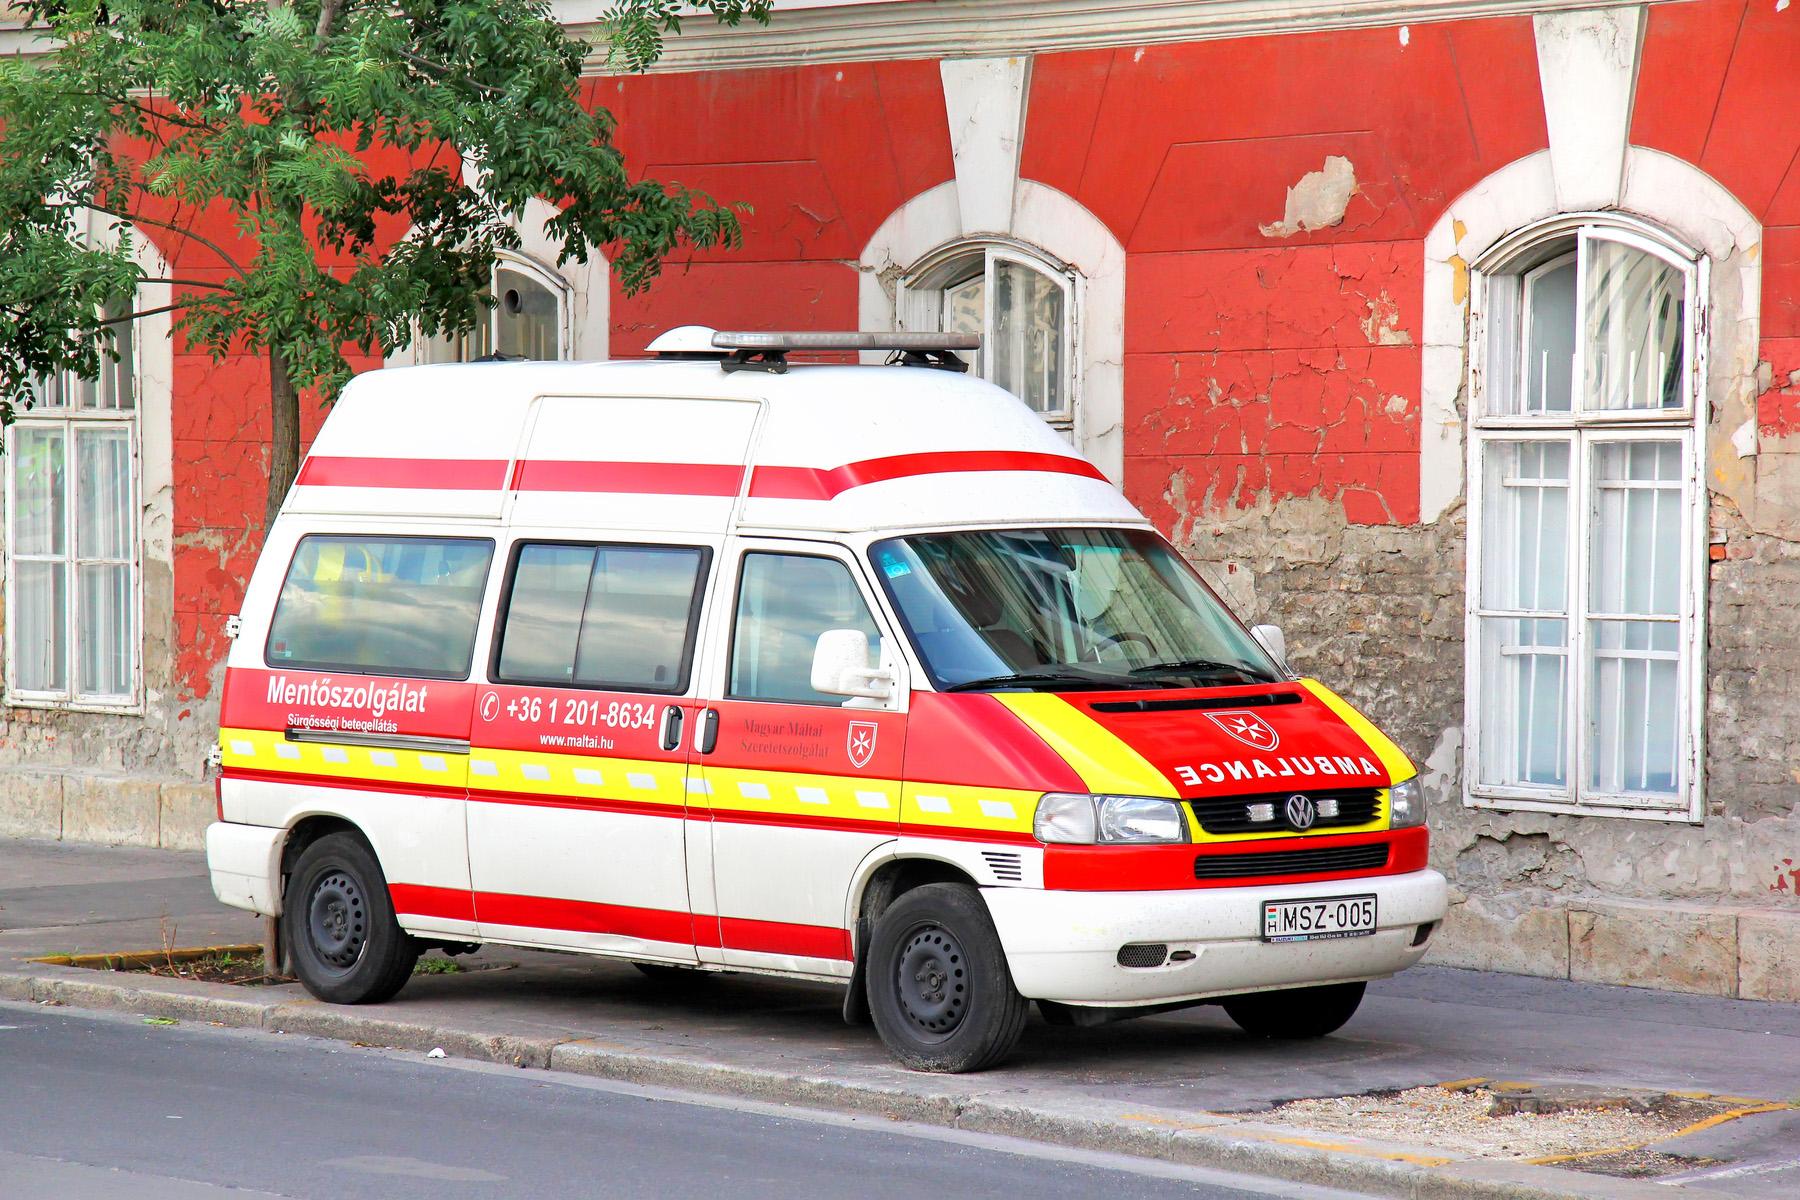 A Hungarian ambulance